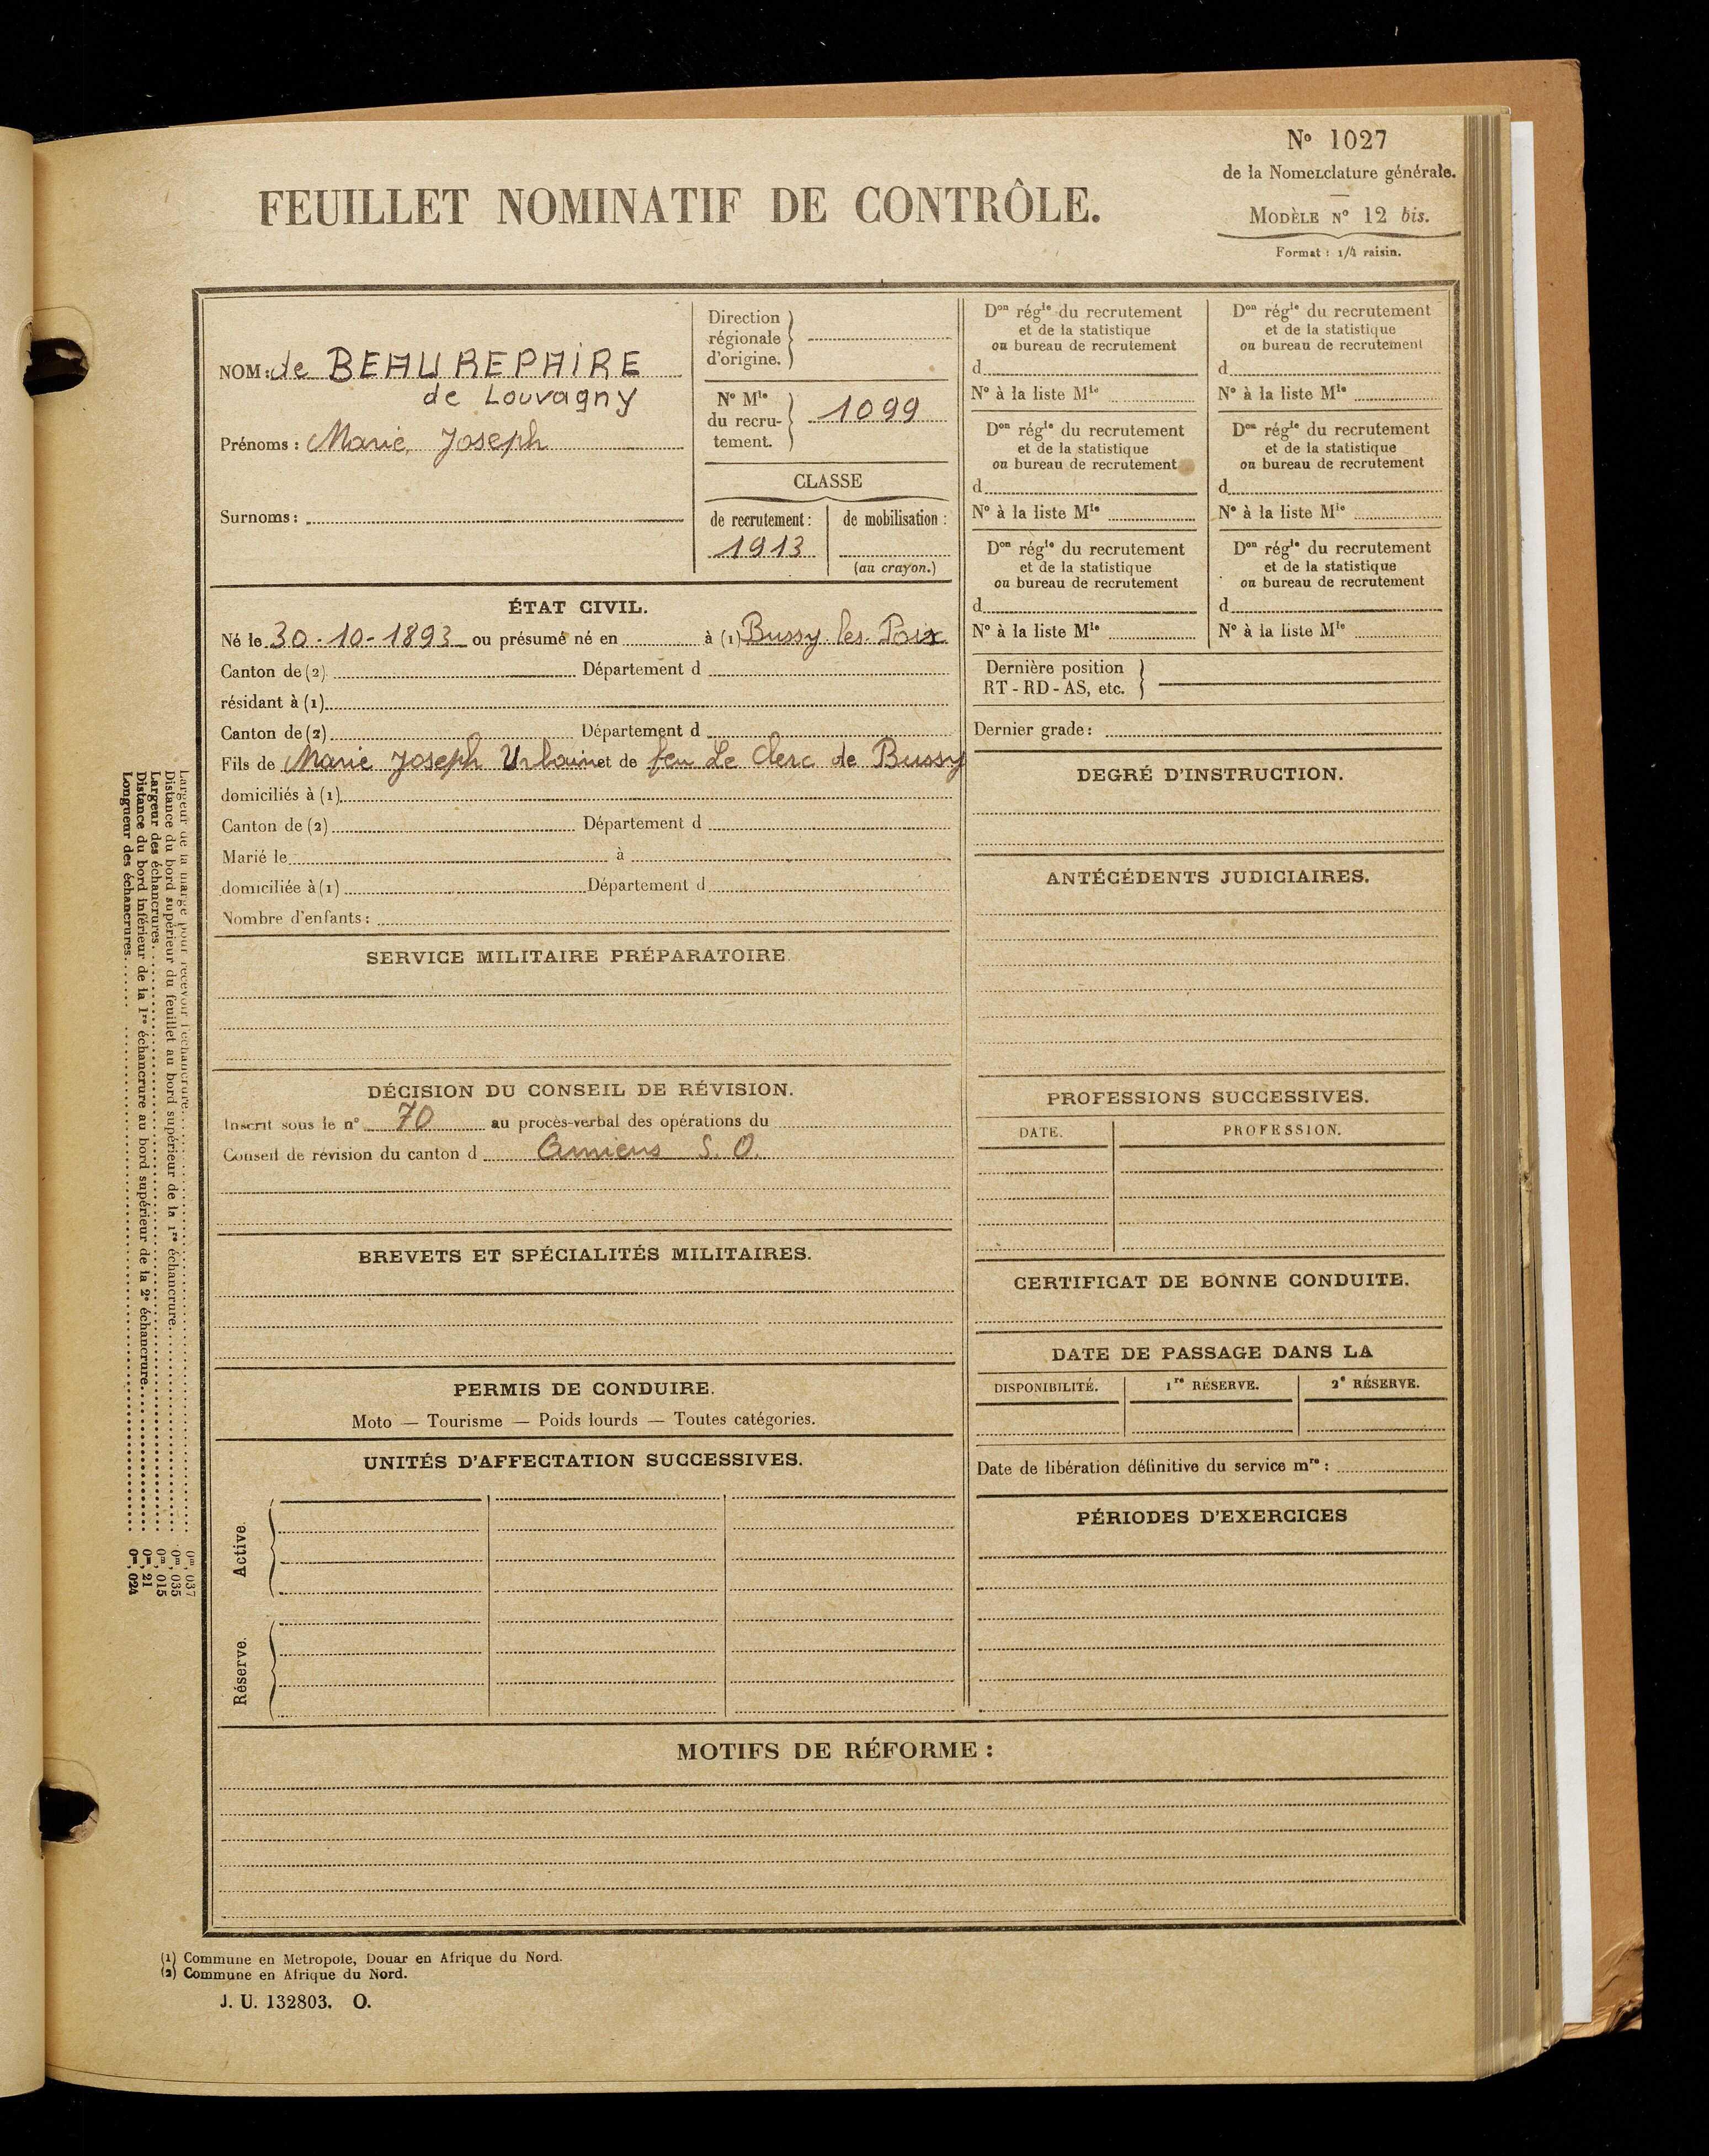 Beaurepaire de Louvagny, Marie Joseph, né le 30 octobre 1893 à Bussy-lès-Poix (Somme), classe 1913, matricule n° 1099, Bureau de recrutement d'Amiens